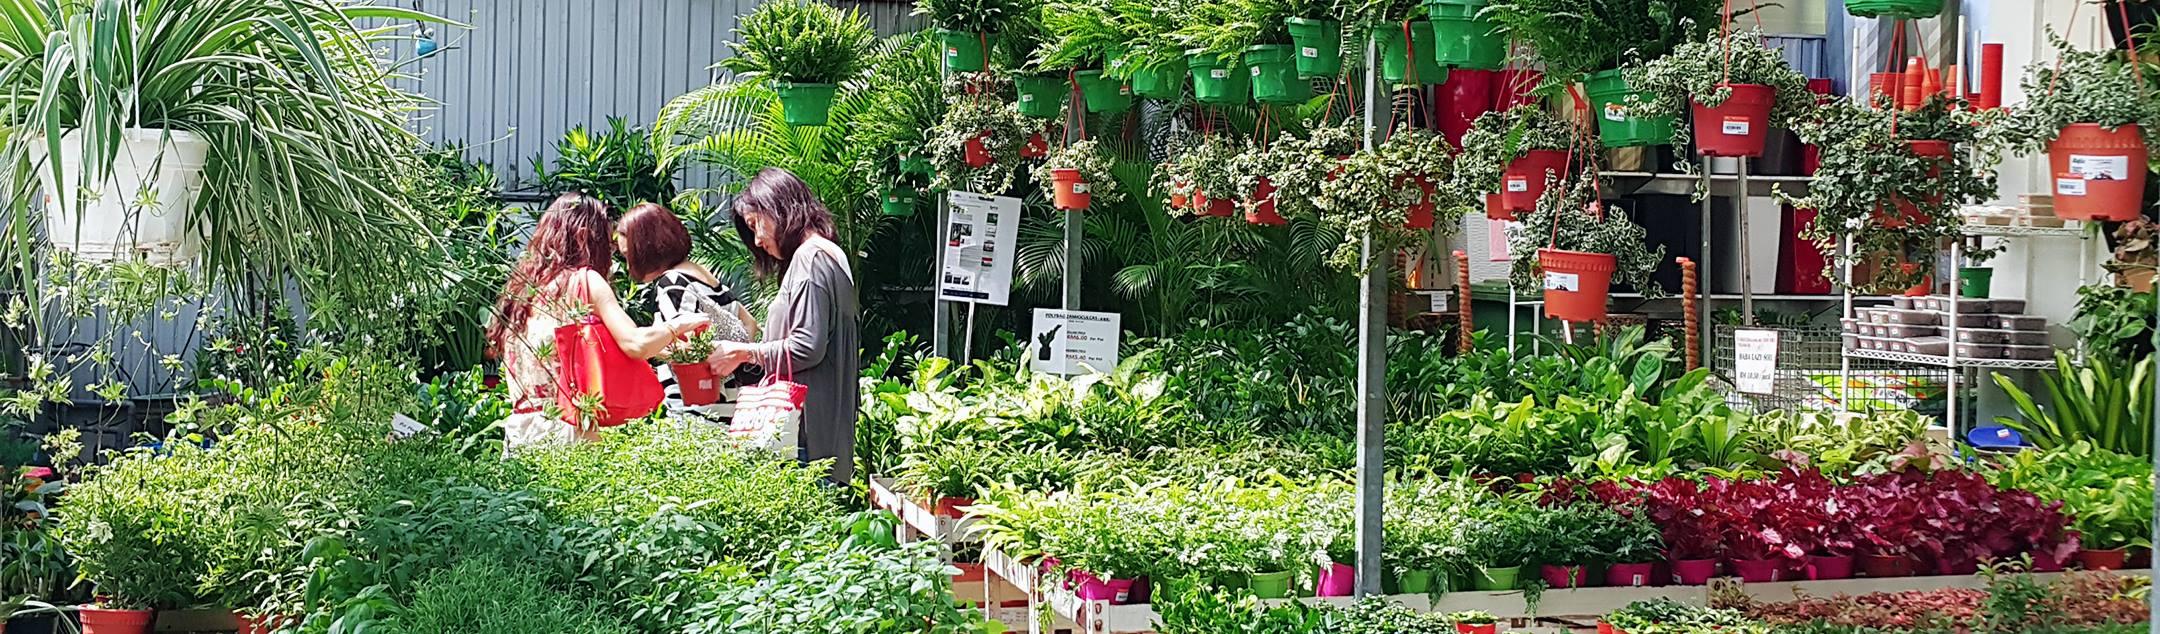 Floristika plant nursery